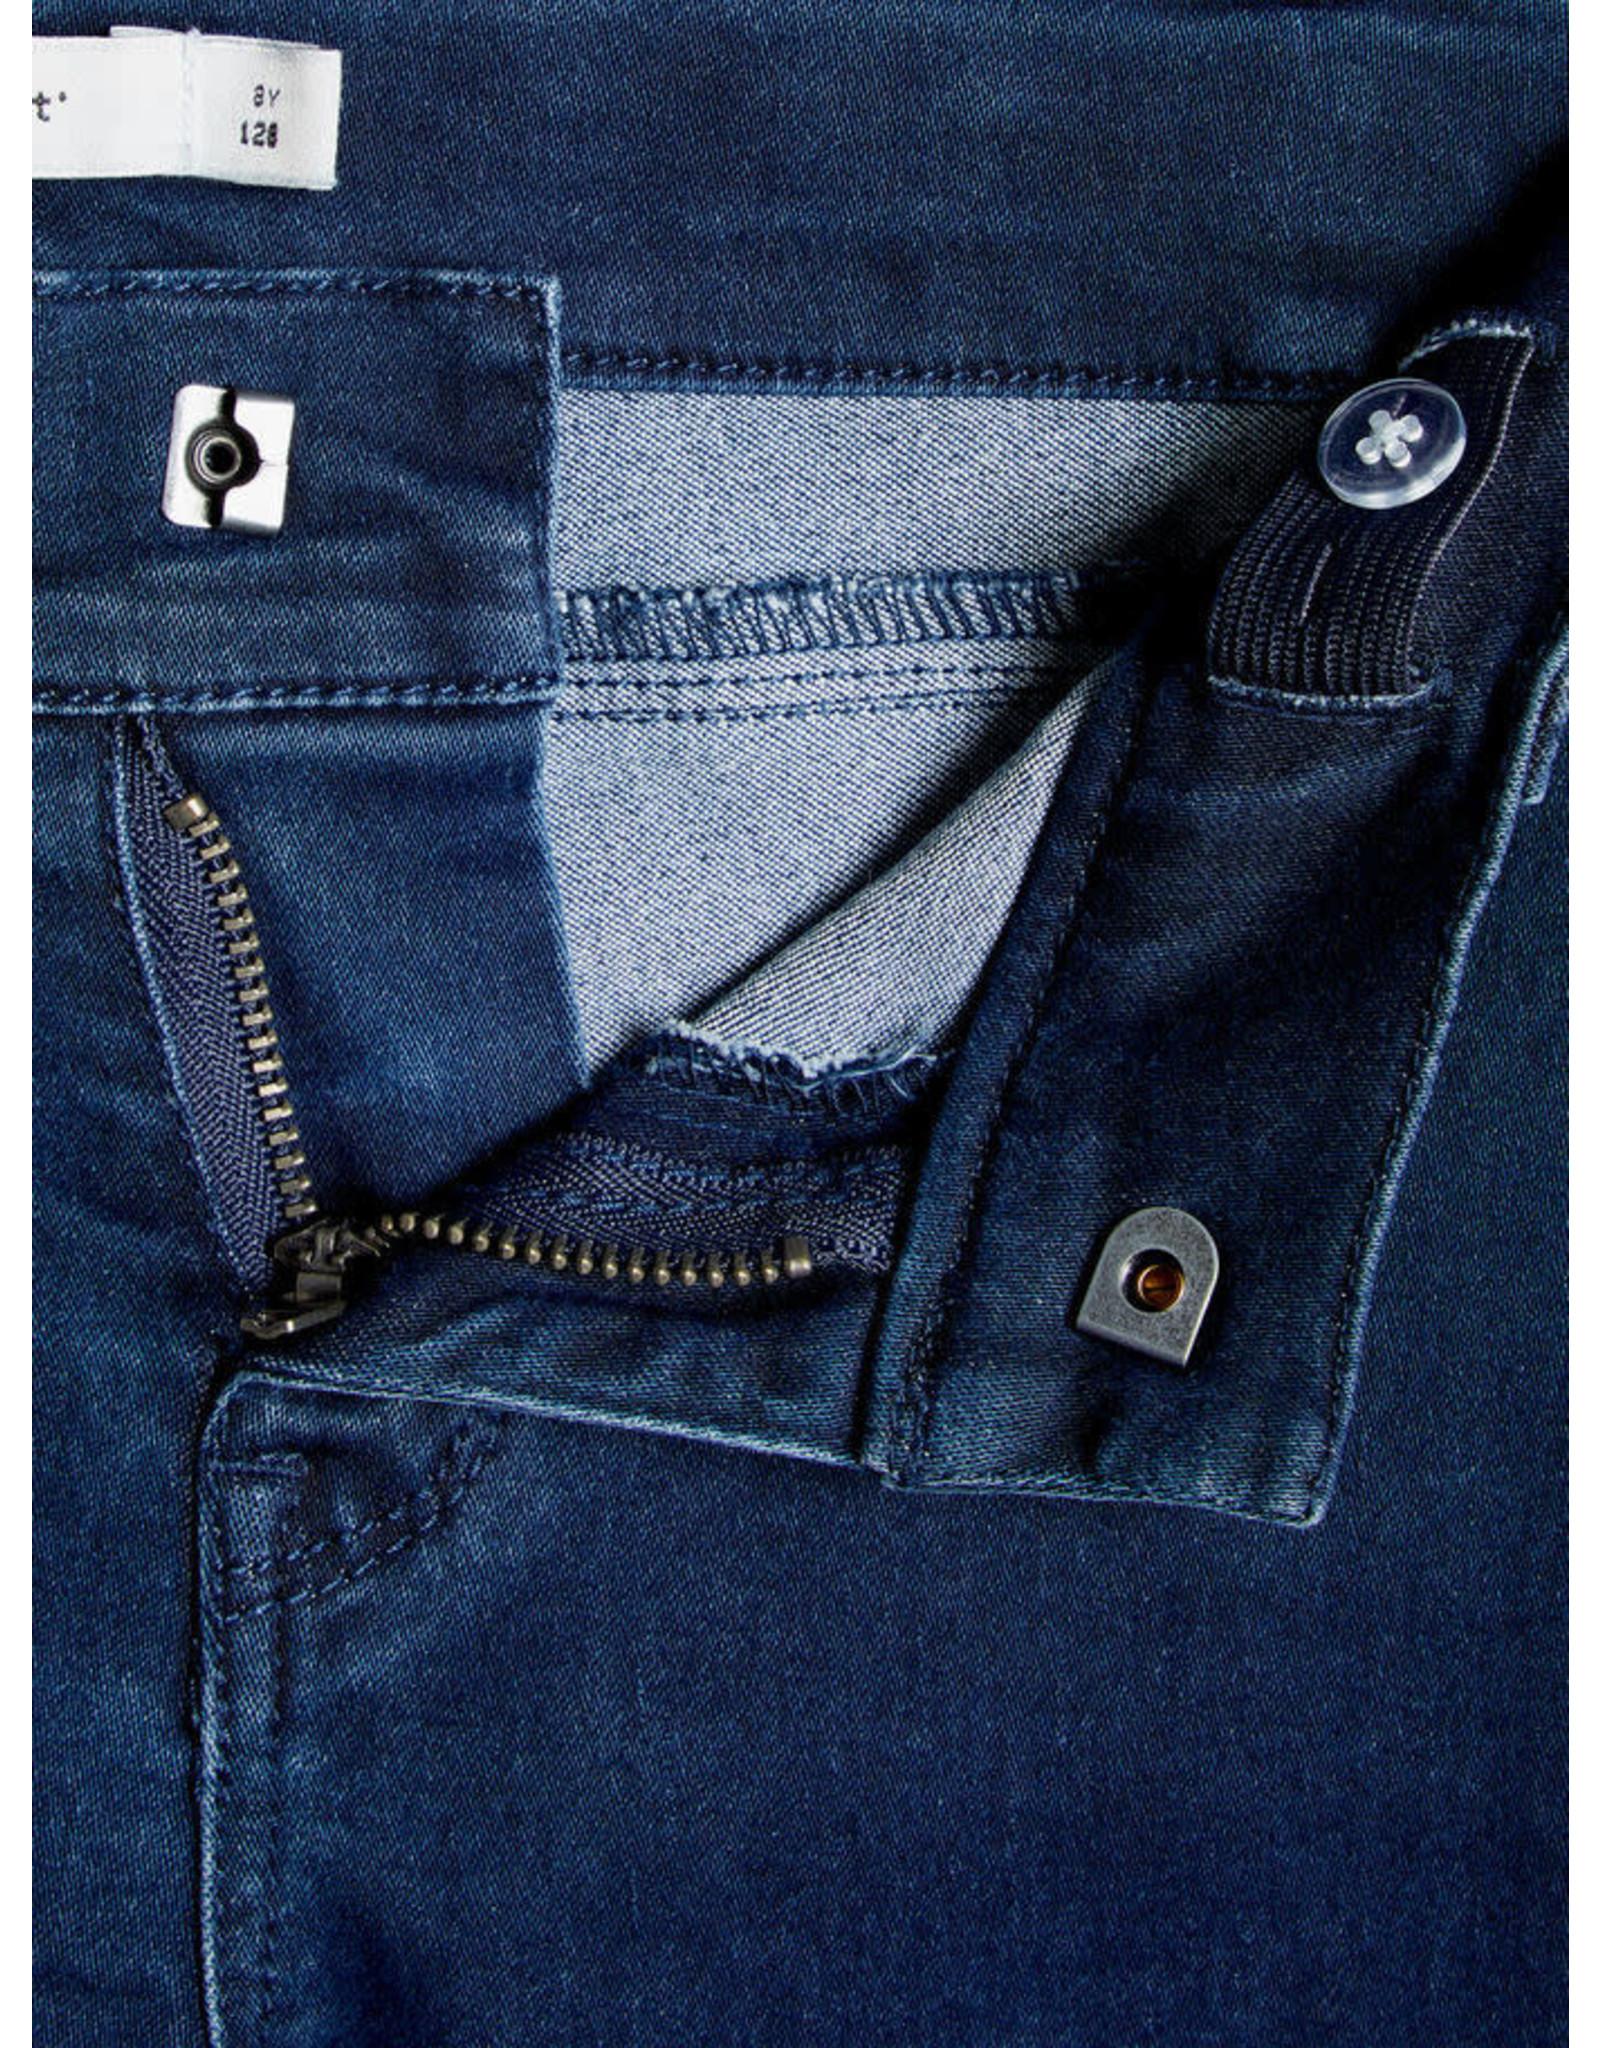 Name It Name It Skinny Fit Jeans Donkerblauw - LAATSTE MAAT 158